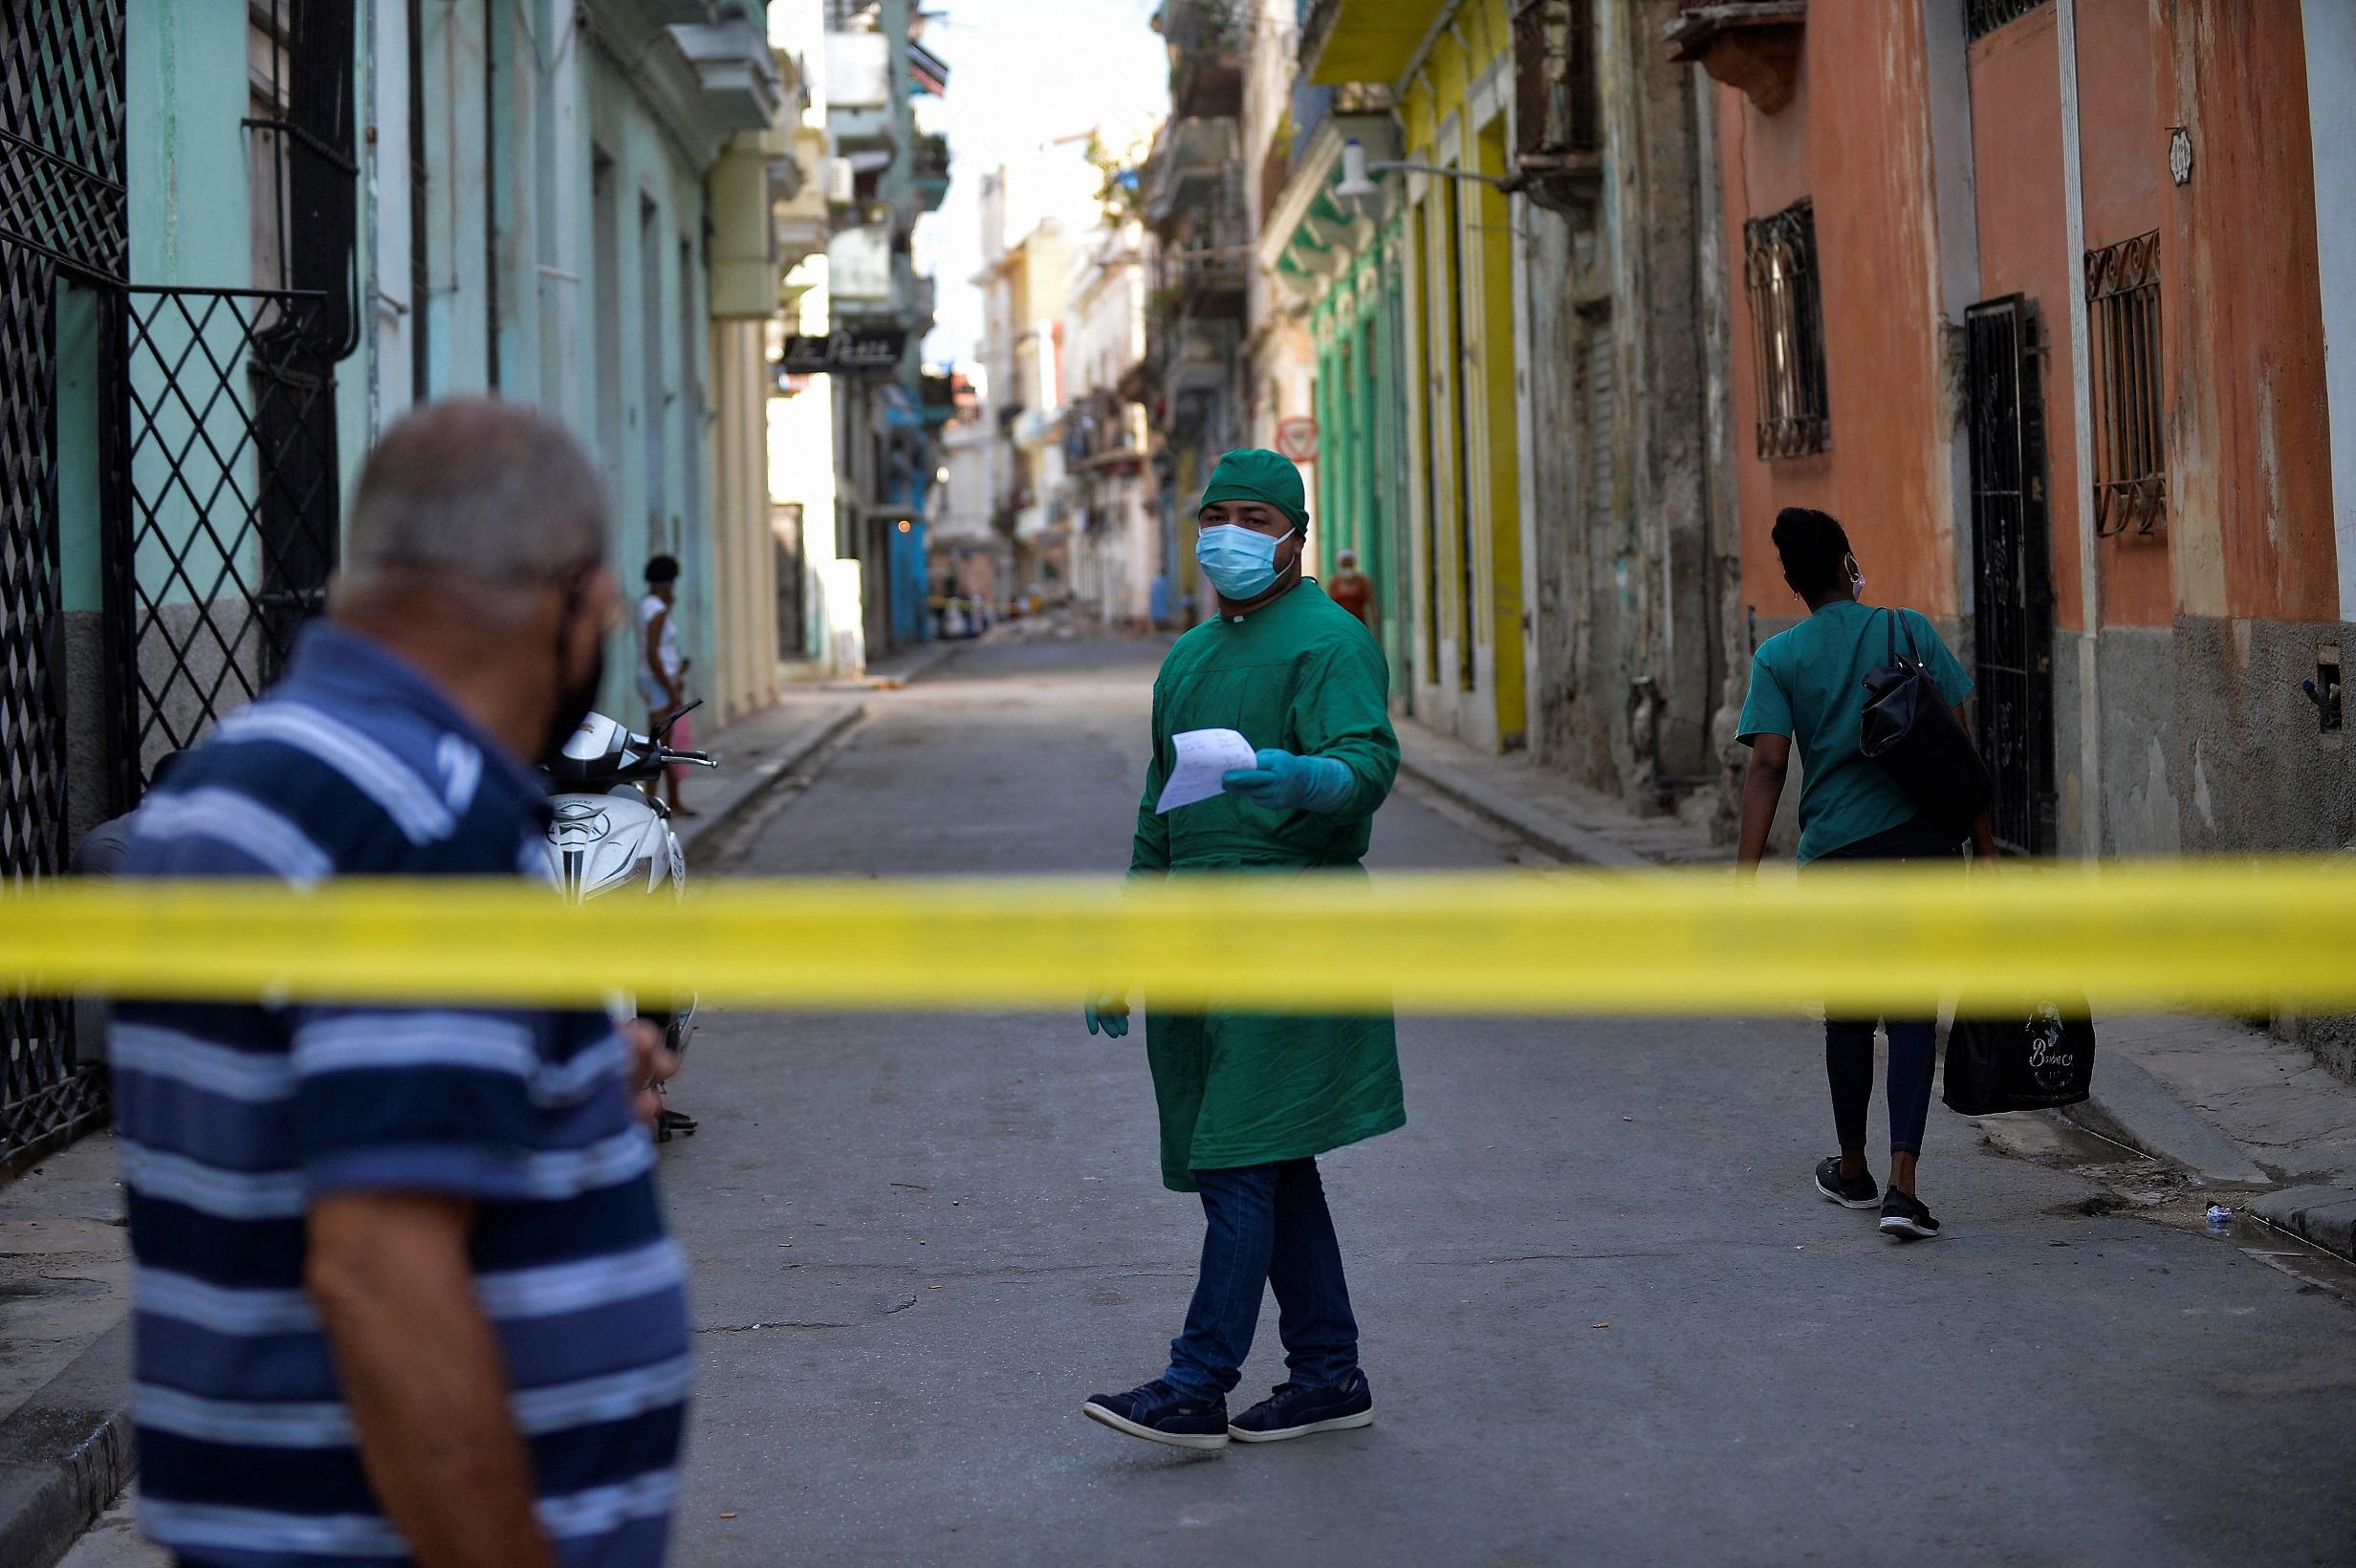 Um trabalhador de saúde caminha por uma rua isolada depois que casos de coronavírus foram detectados em Havana, em 7 de abril de 2021   FOTO: YAMIL LAGE / AFP